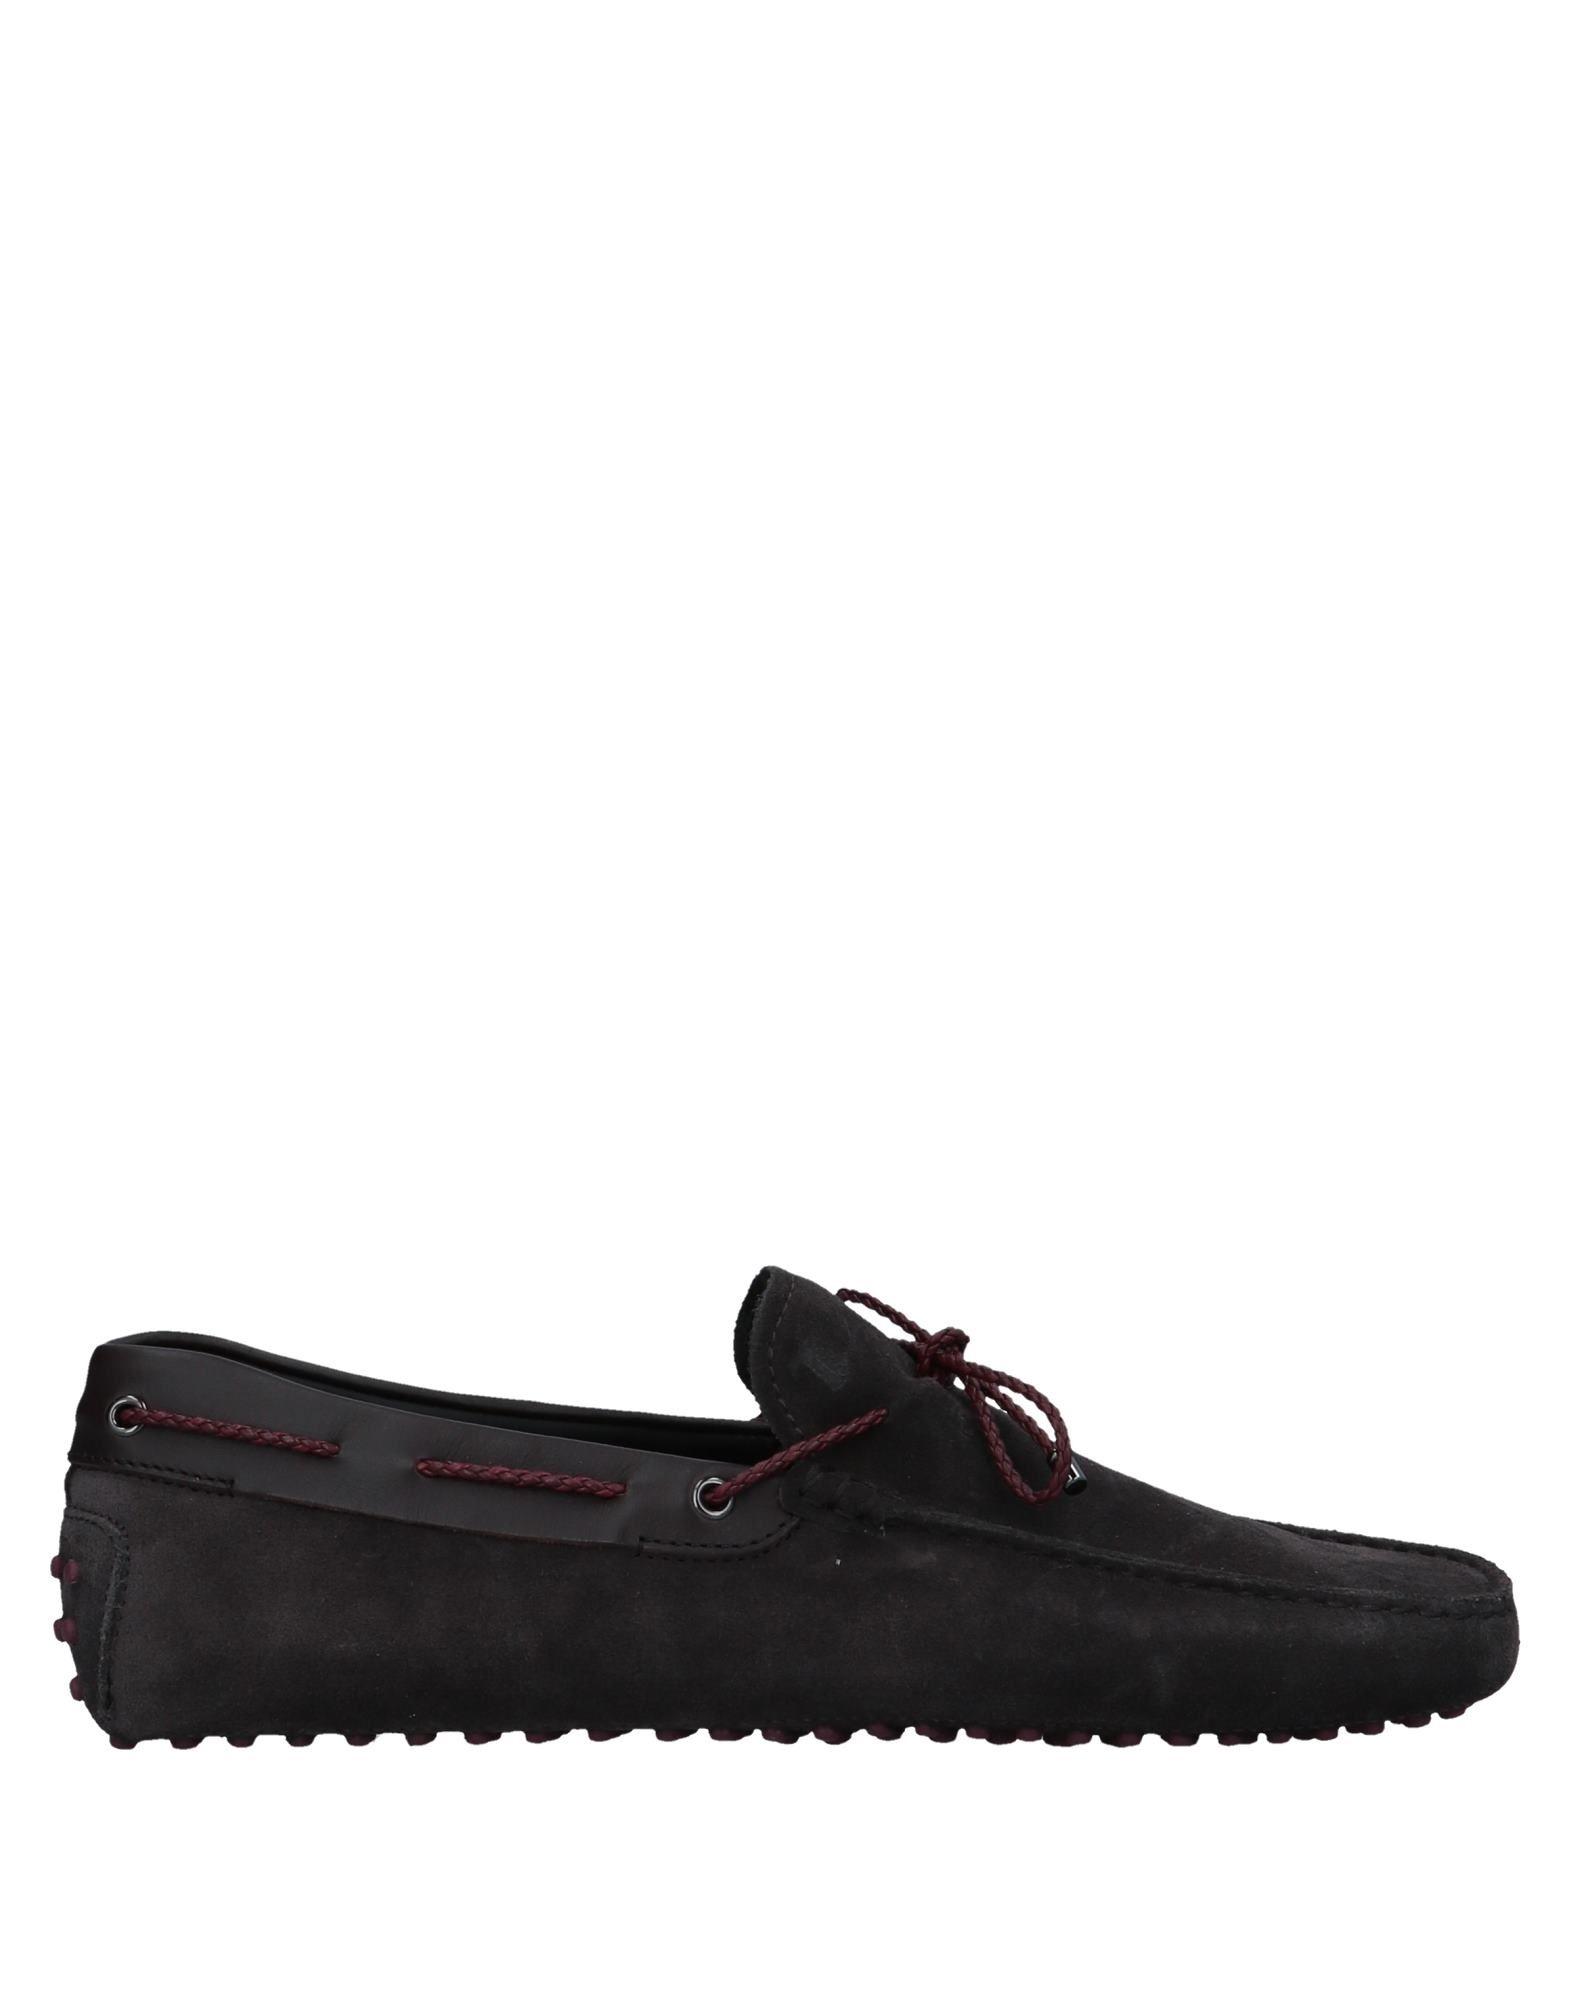 Sneakers 2Star Donna - 11551754SO Scarpe economiche e buone